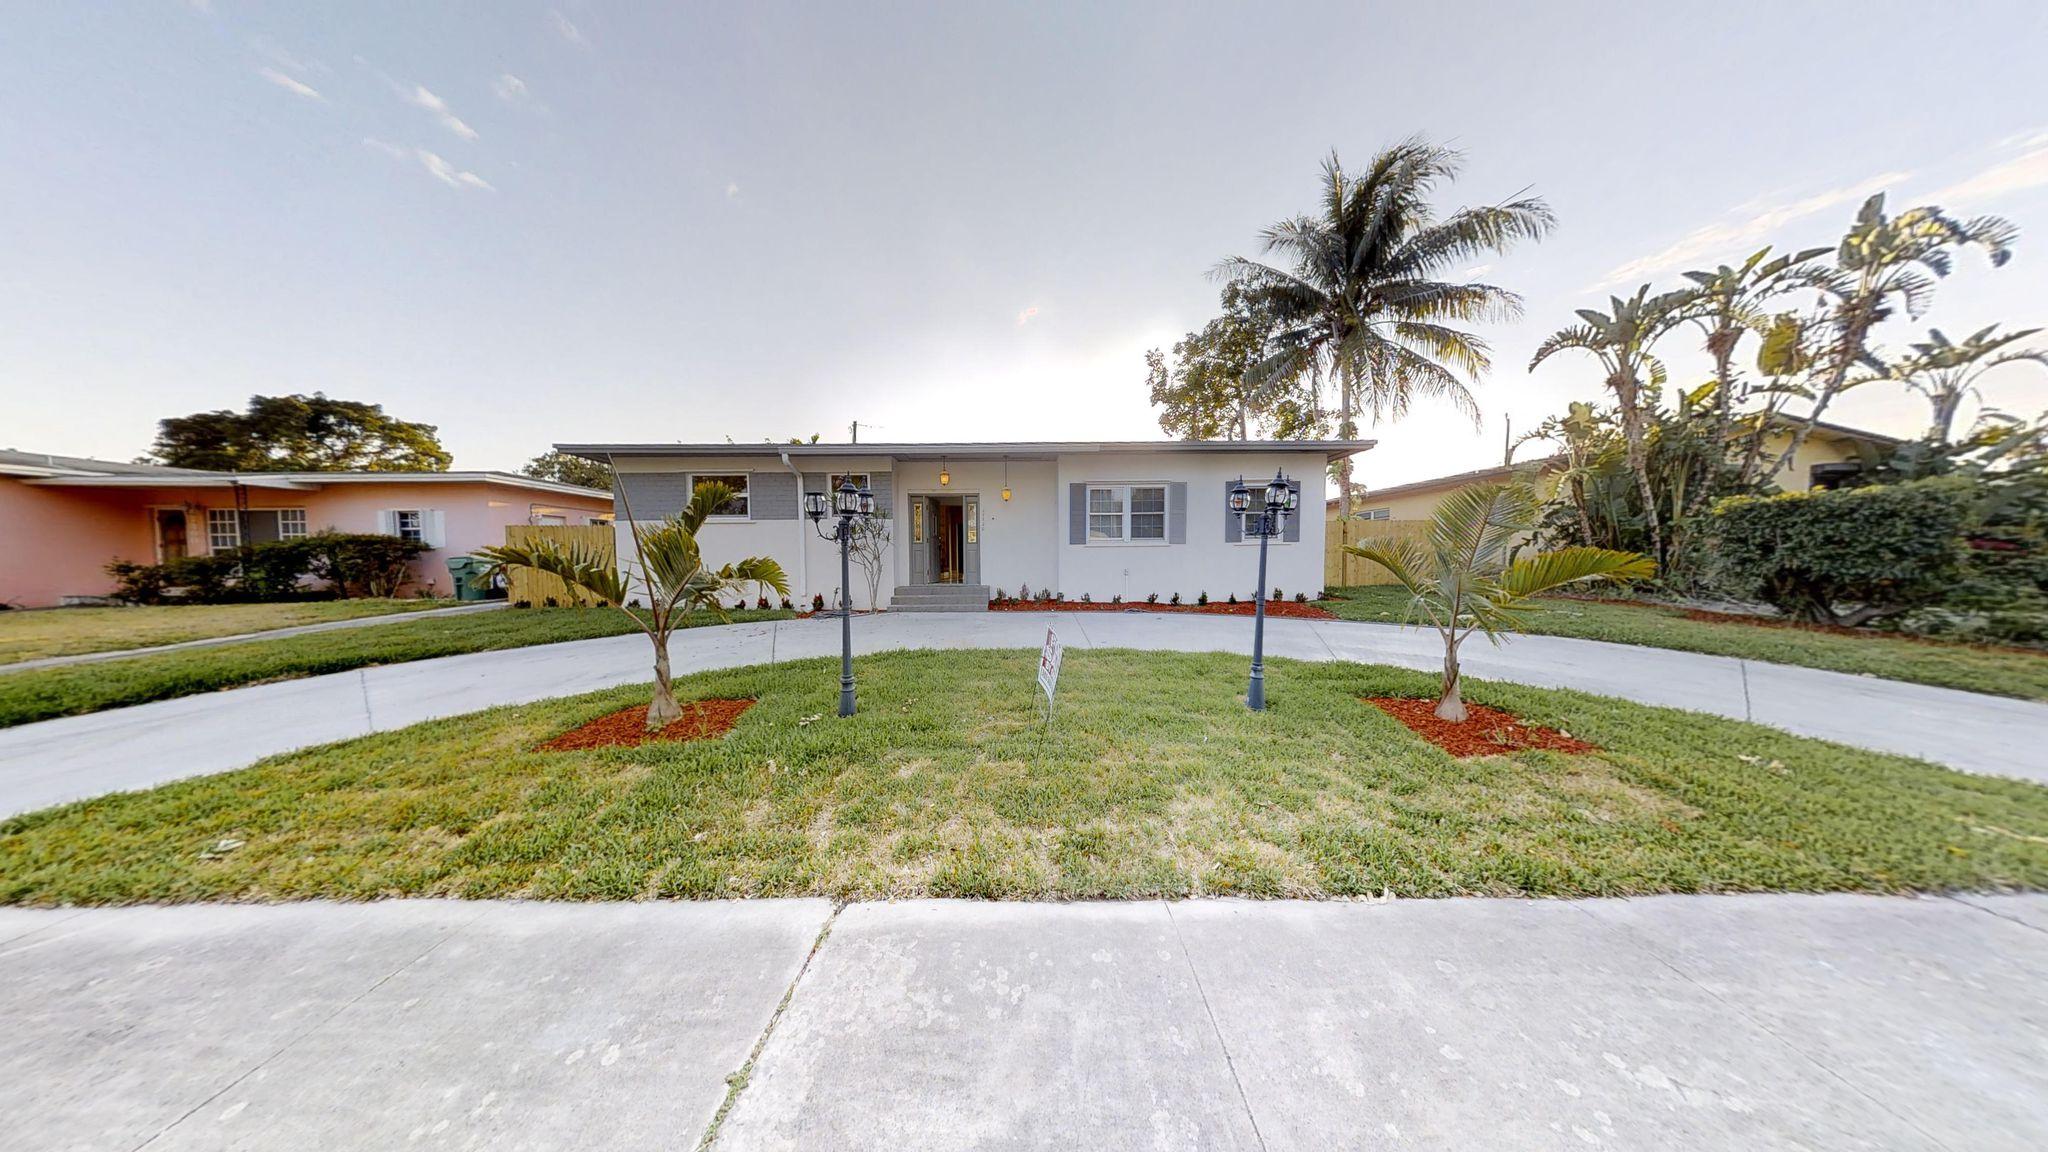 17320 NE 12th Ct For Sale - North Miami Beach, FL | Trulia